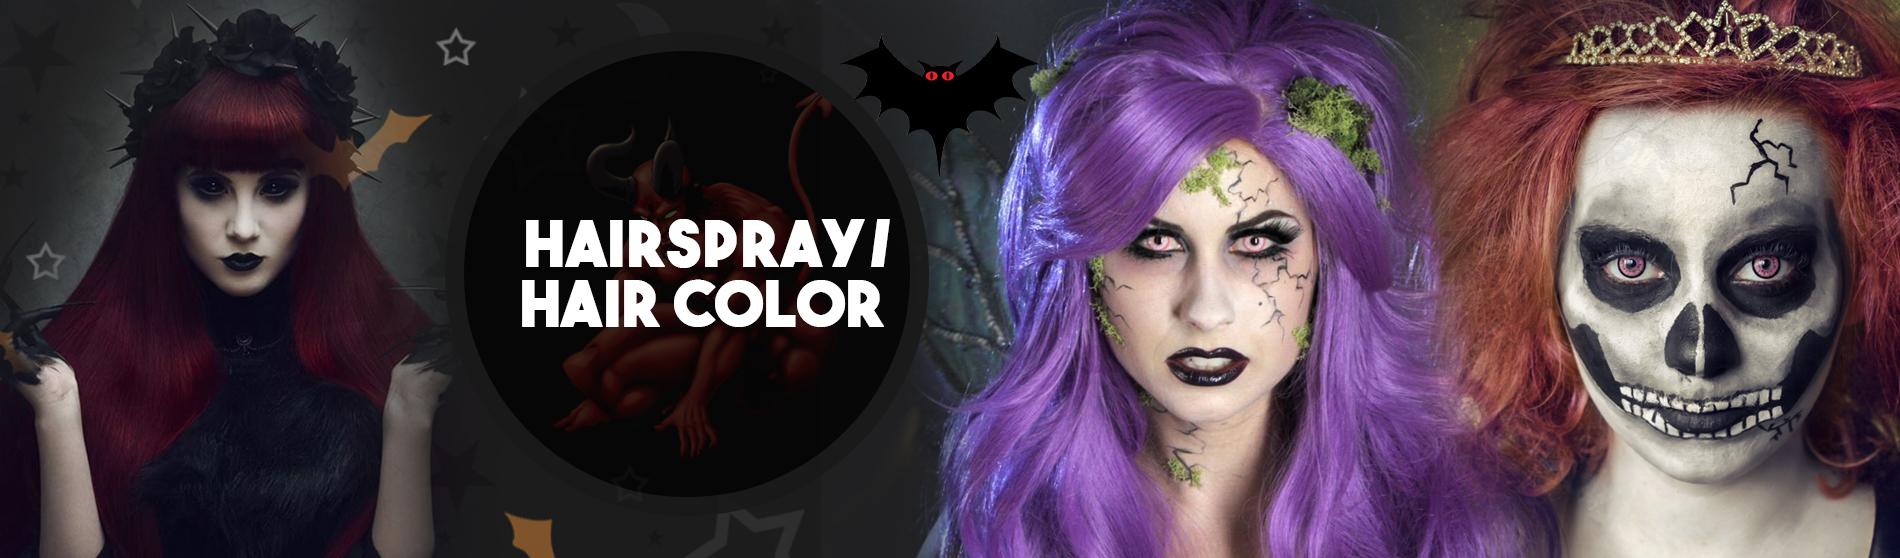 hairspray-haircolor